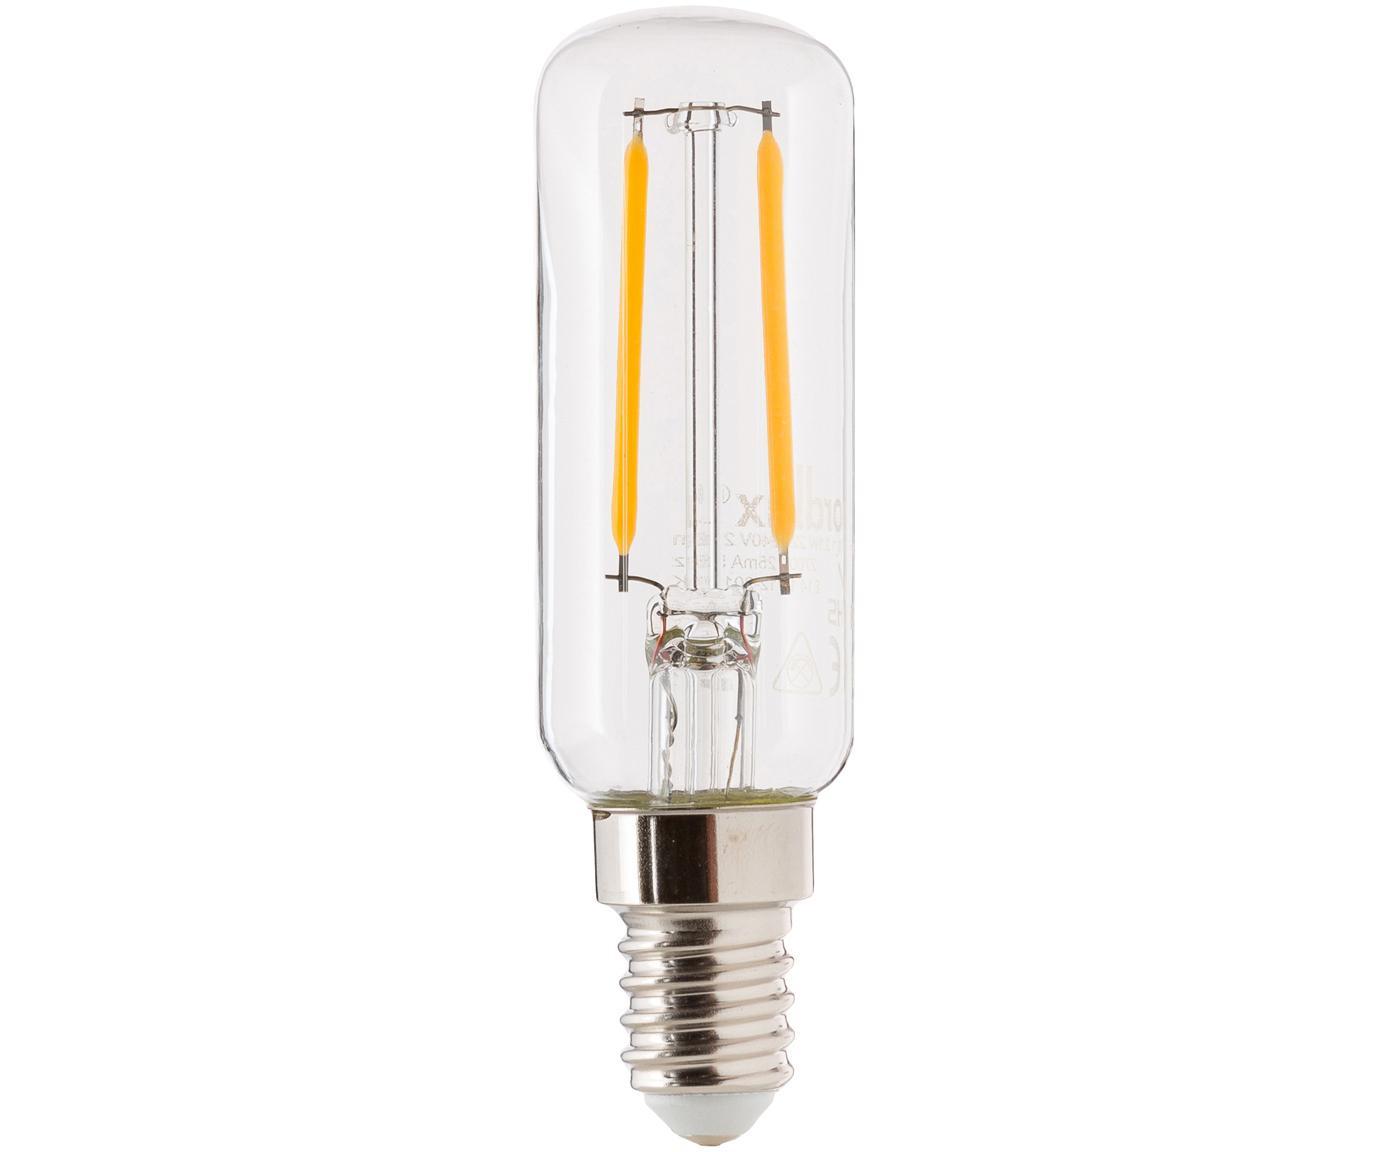 LED lamp Yura (E14 / 2W), Peertje: glas, Fitting: aluminium, Transparant, Ø 3 x H 9 cm